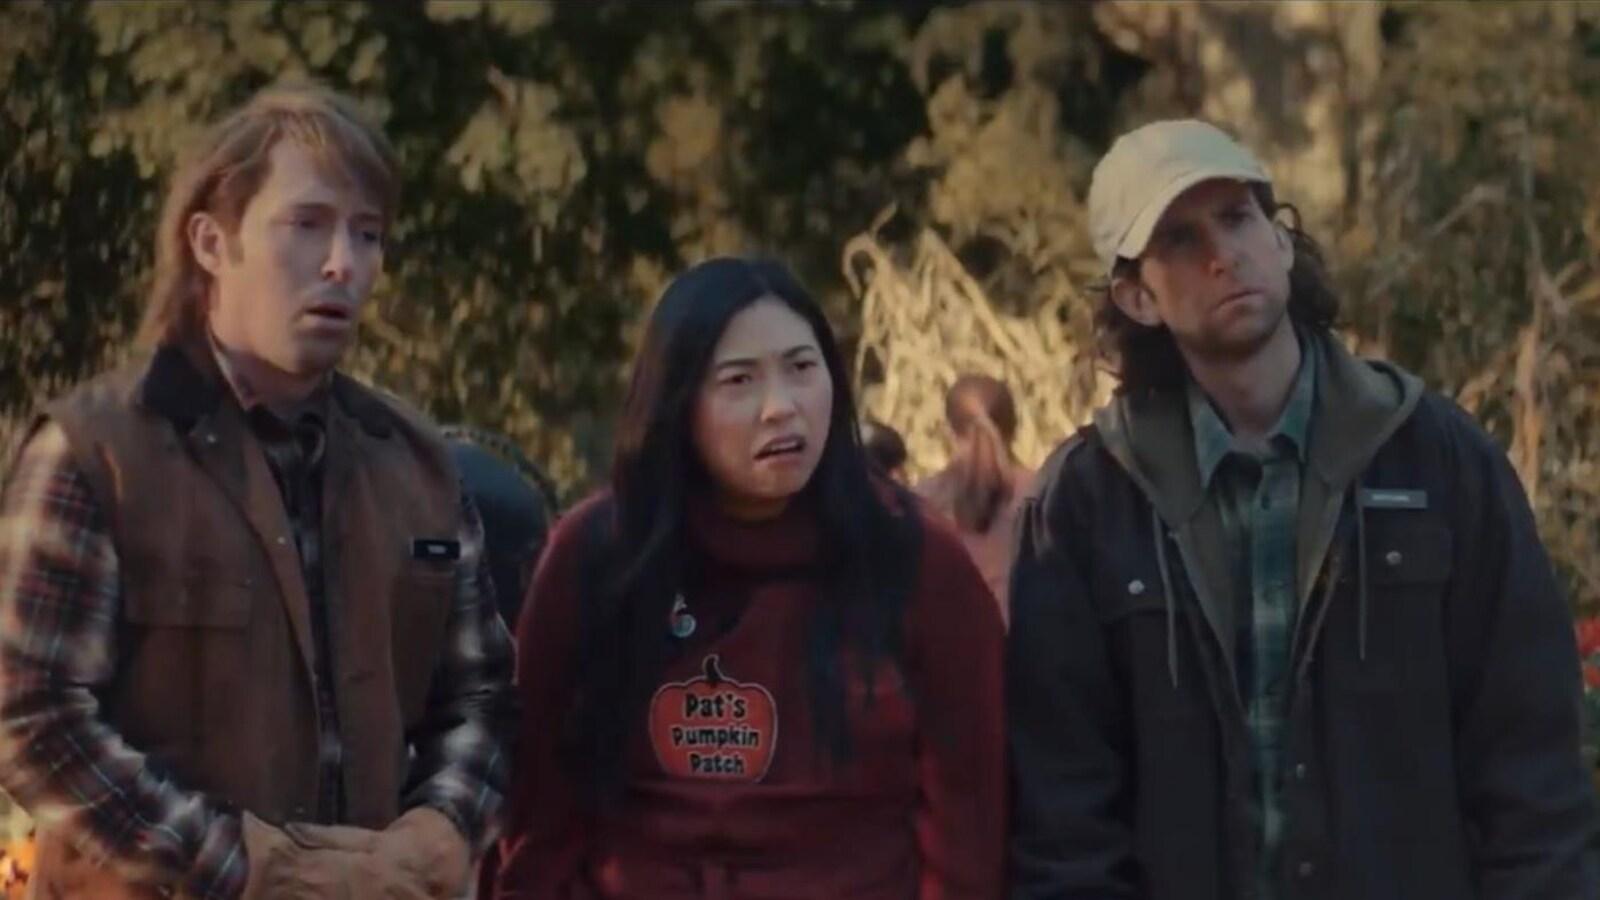 Trois personnes se tiennent debout dans un champ de citrouilles et ont la bouche ouverte, l'air étonné.